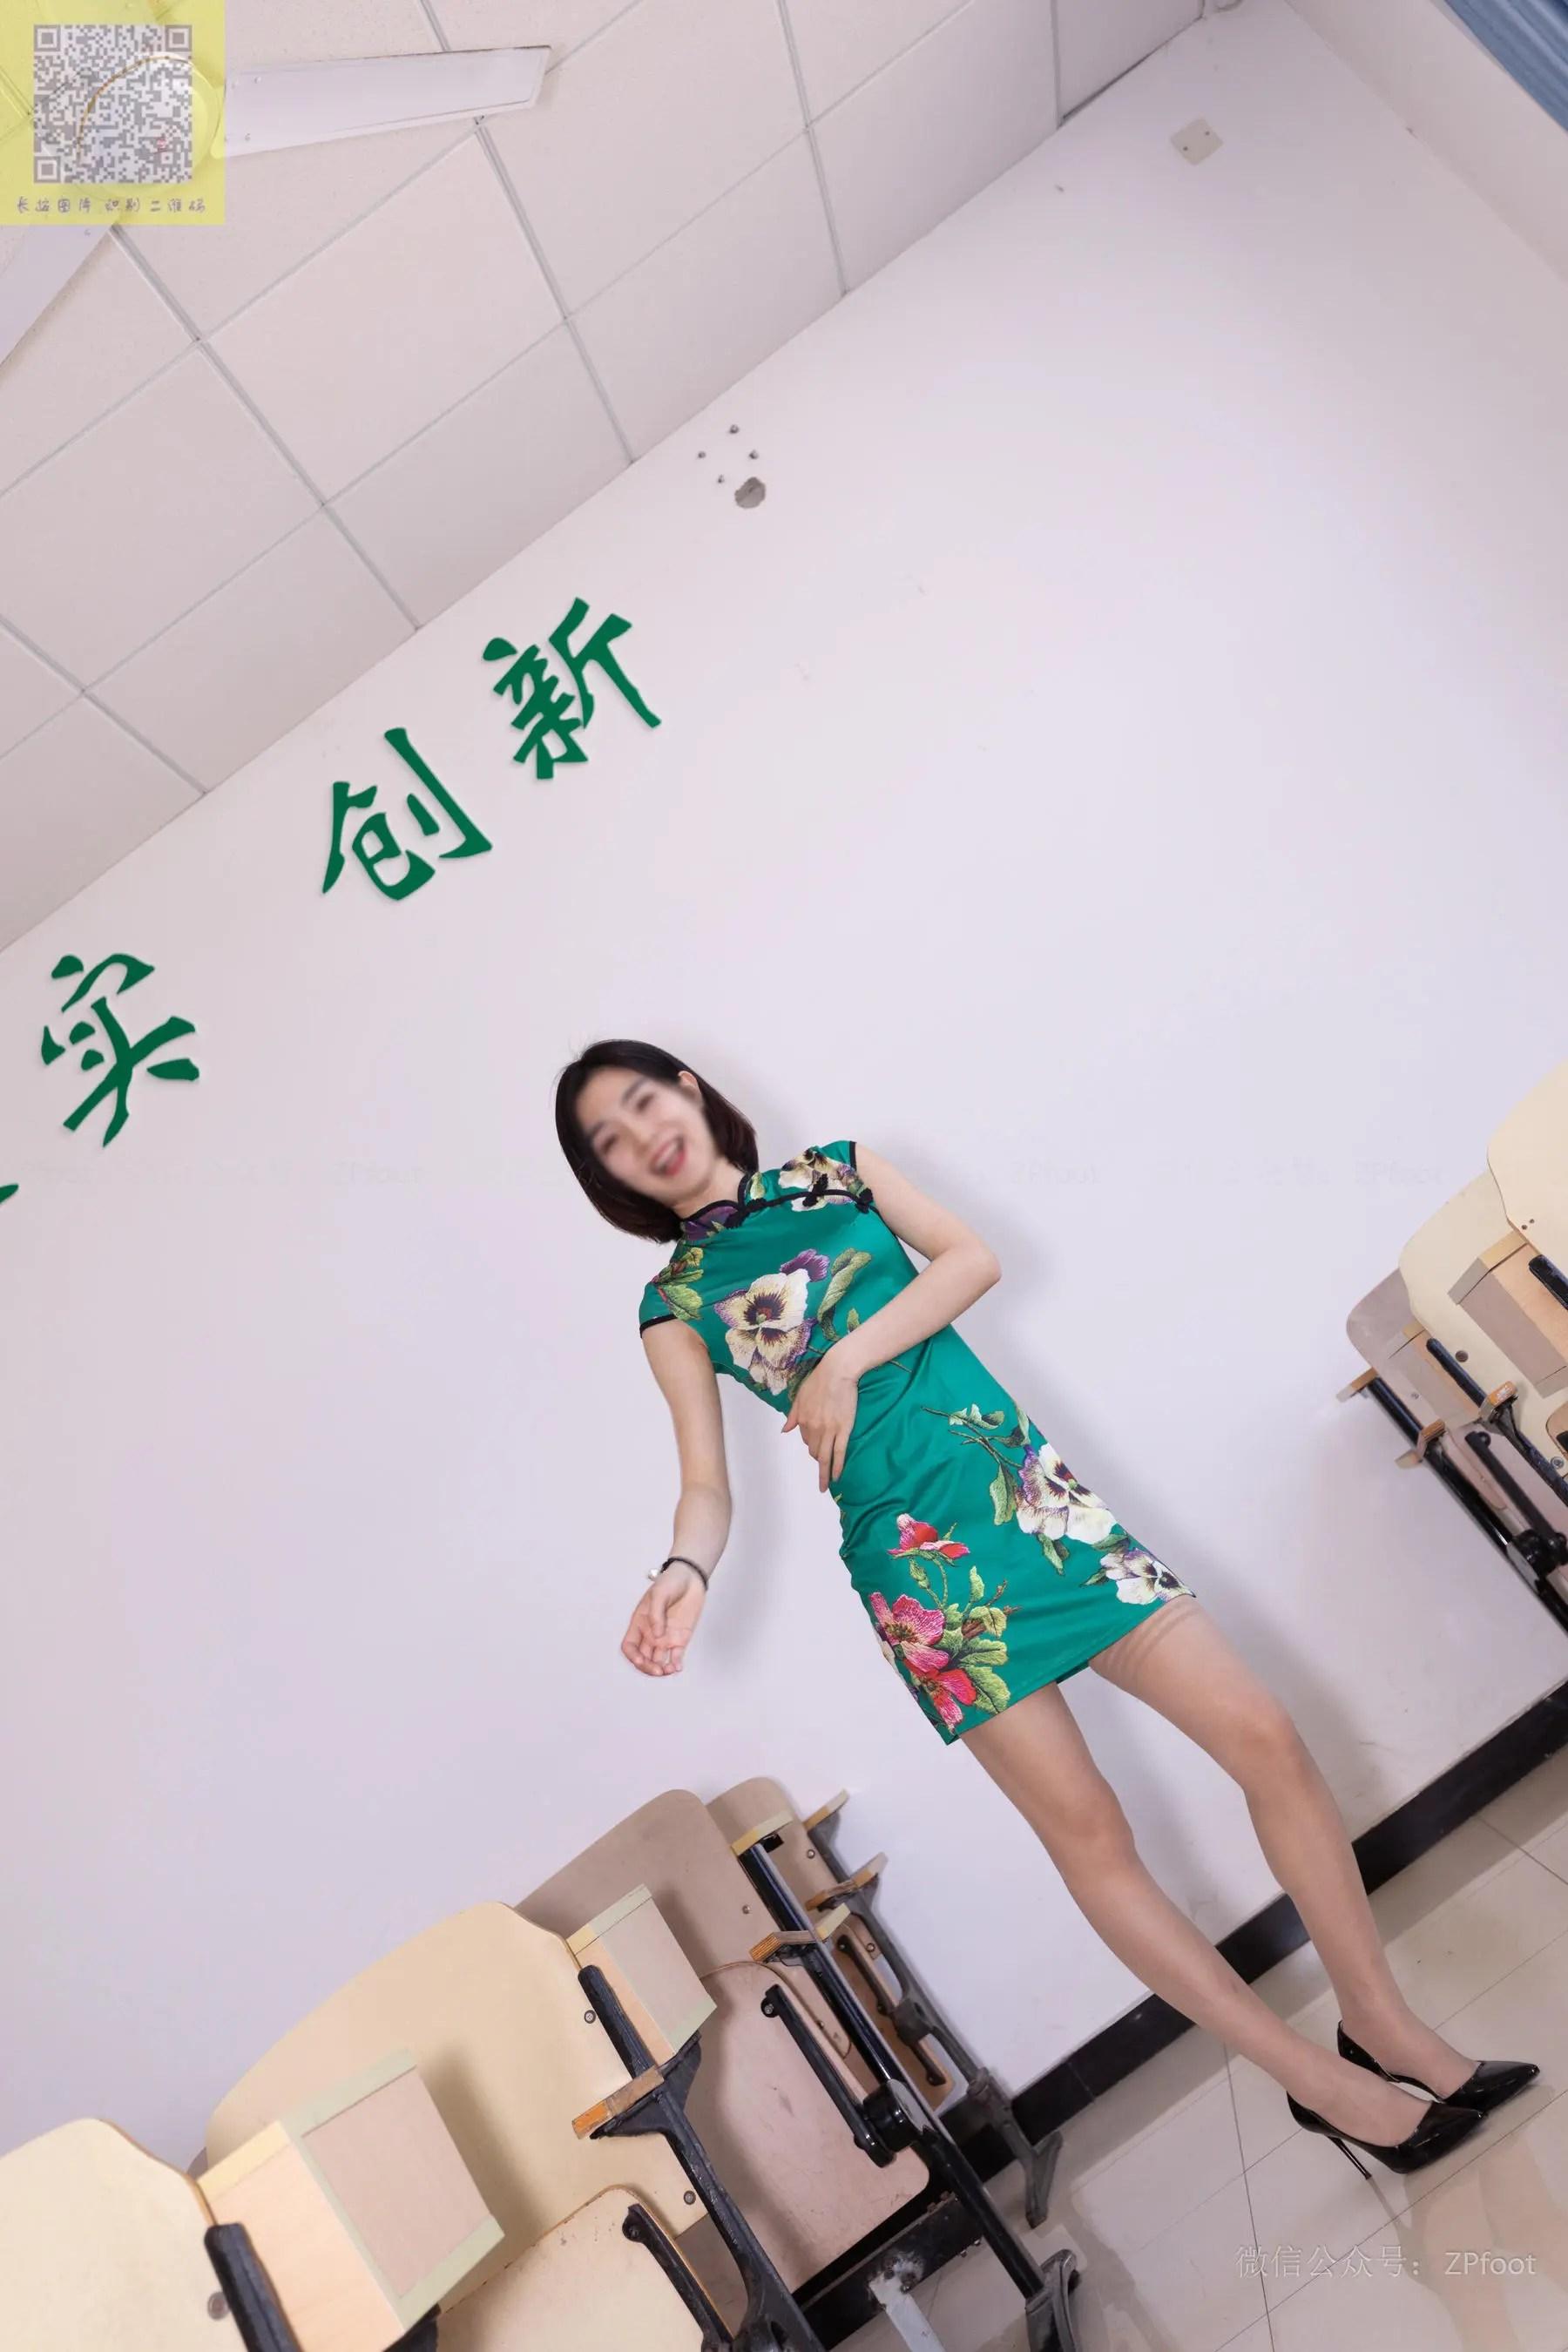 图片[9] - [山茶摄影LSS] NO.089 小阳阳的旗袍筒袜 写真套图[99P] - 唯独你没懂